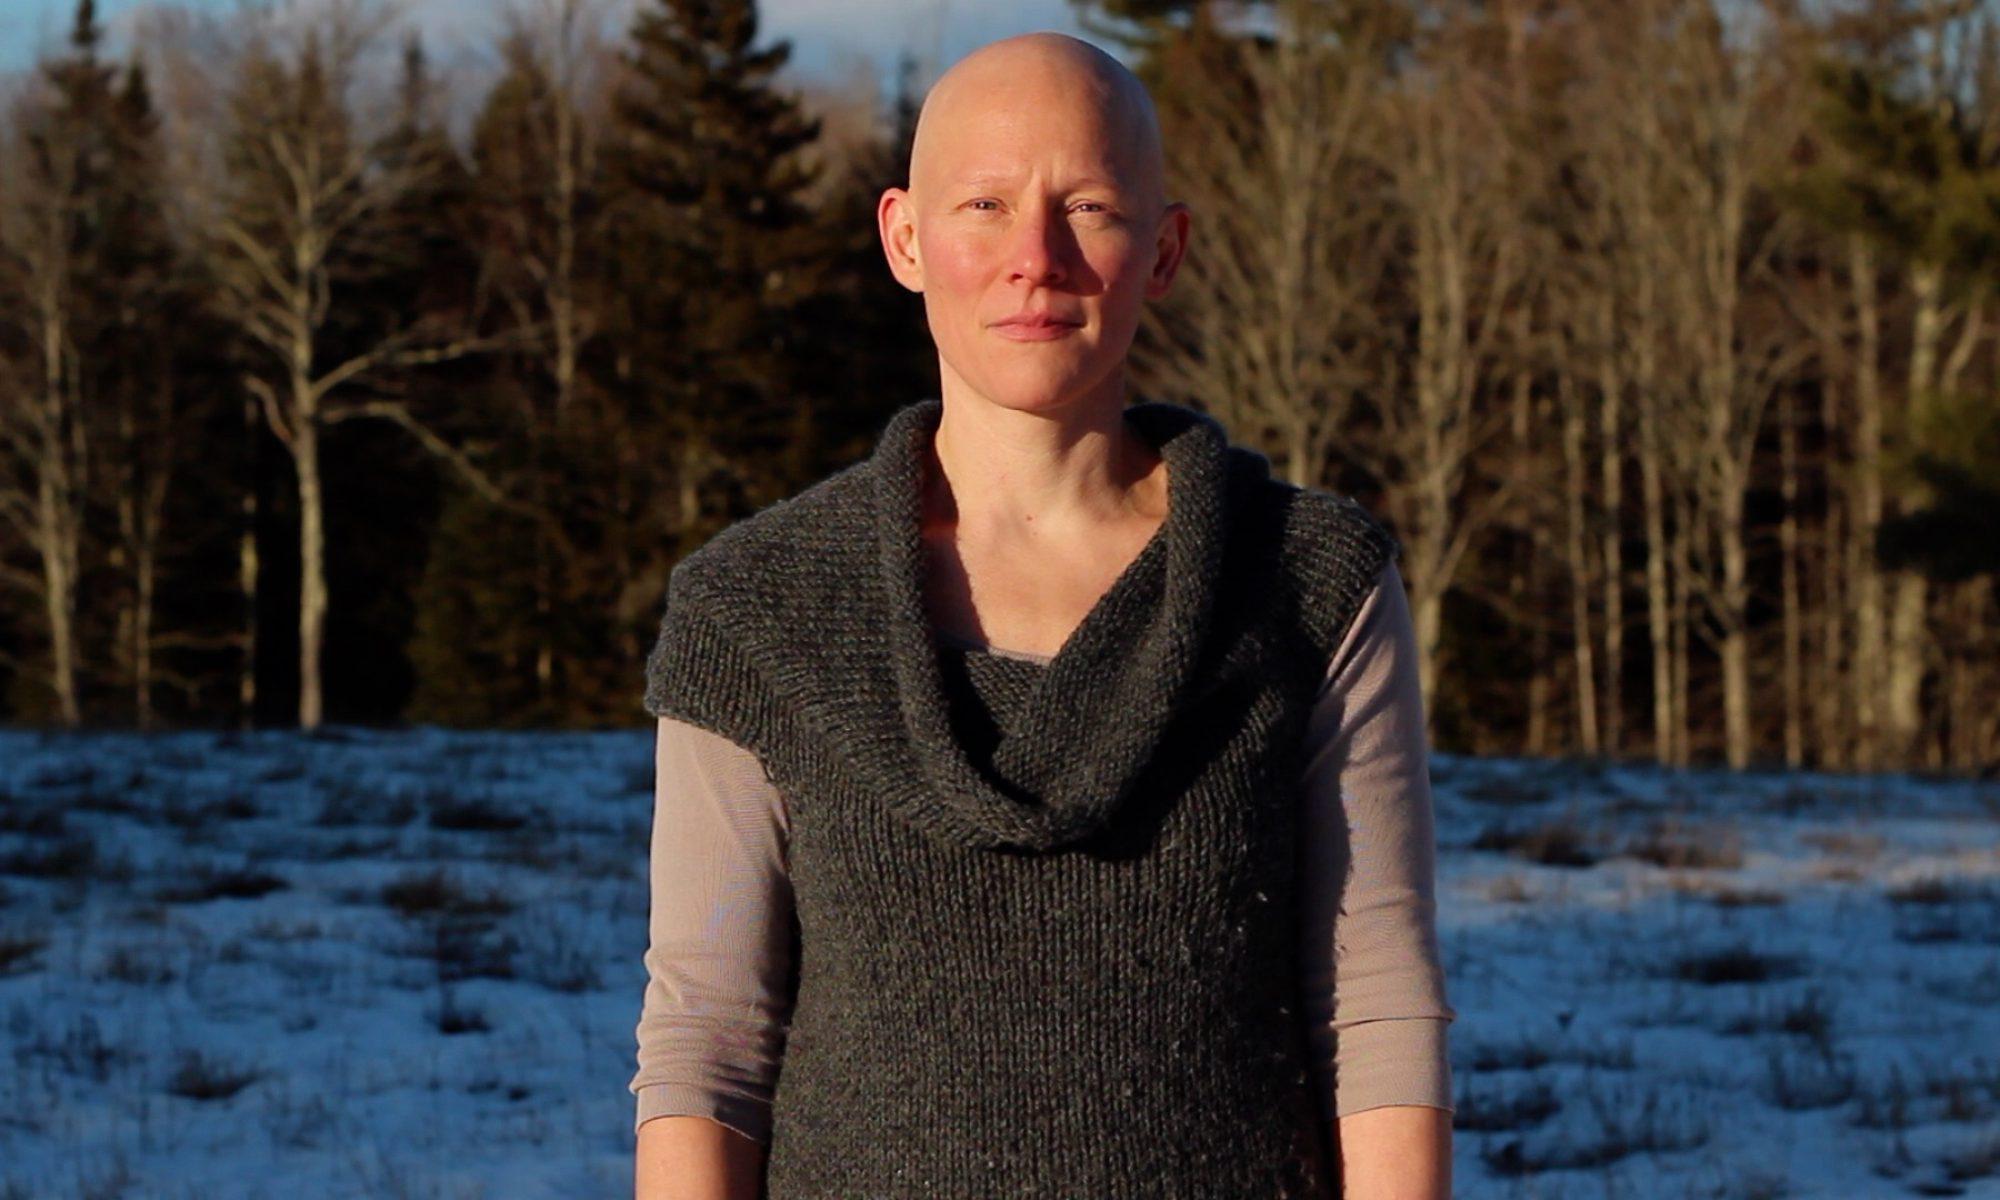 Mop Cap : An Alopecia Story